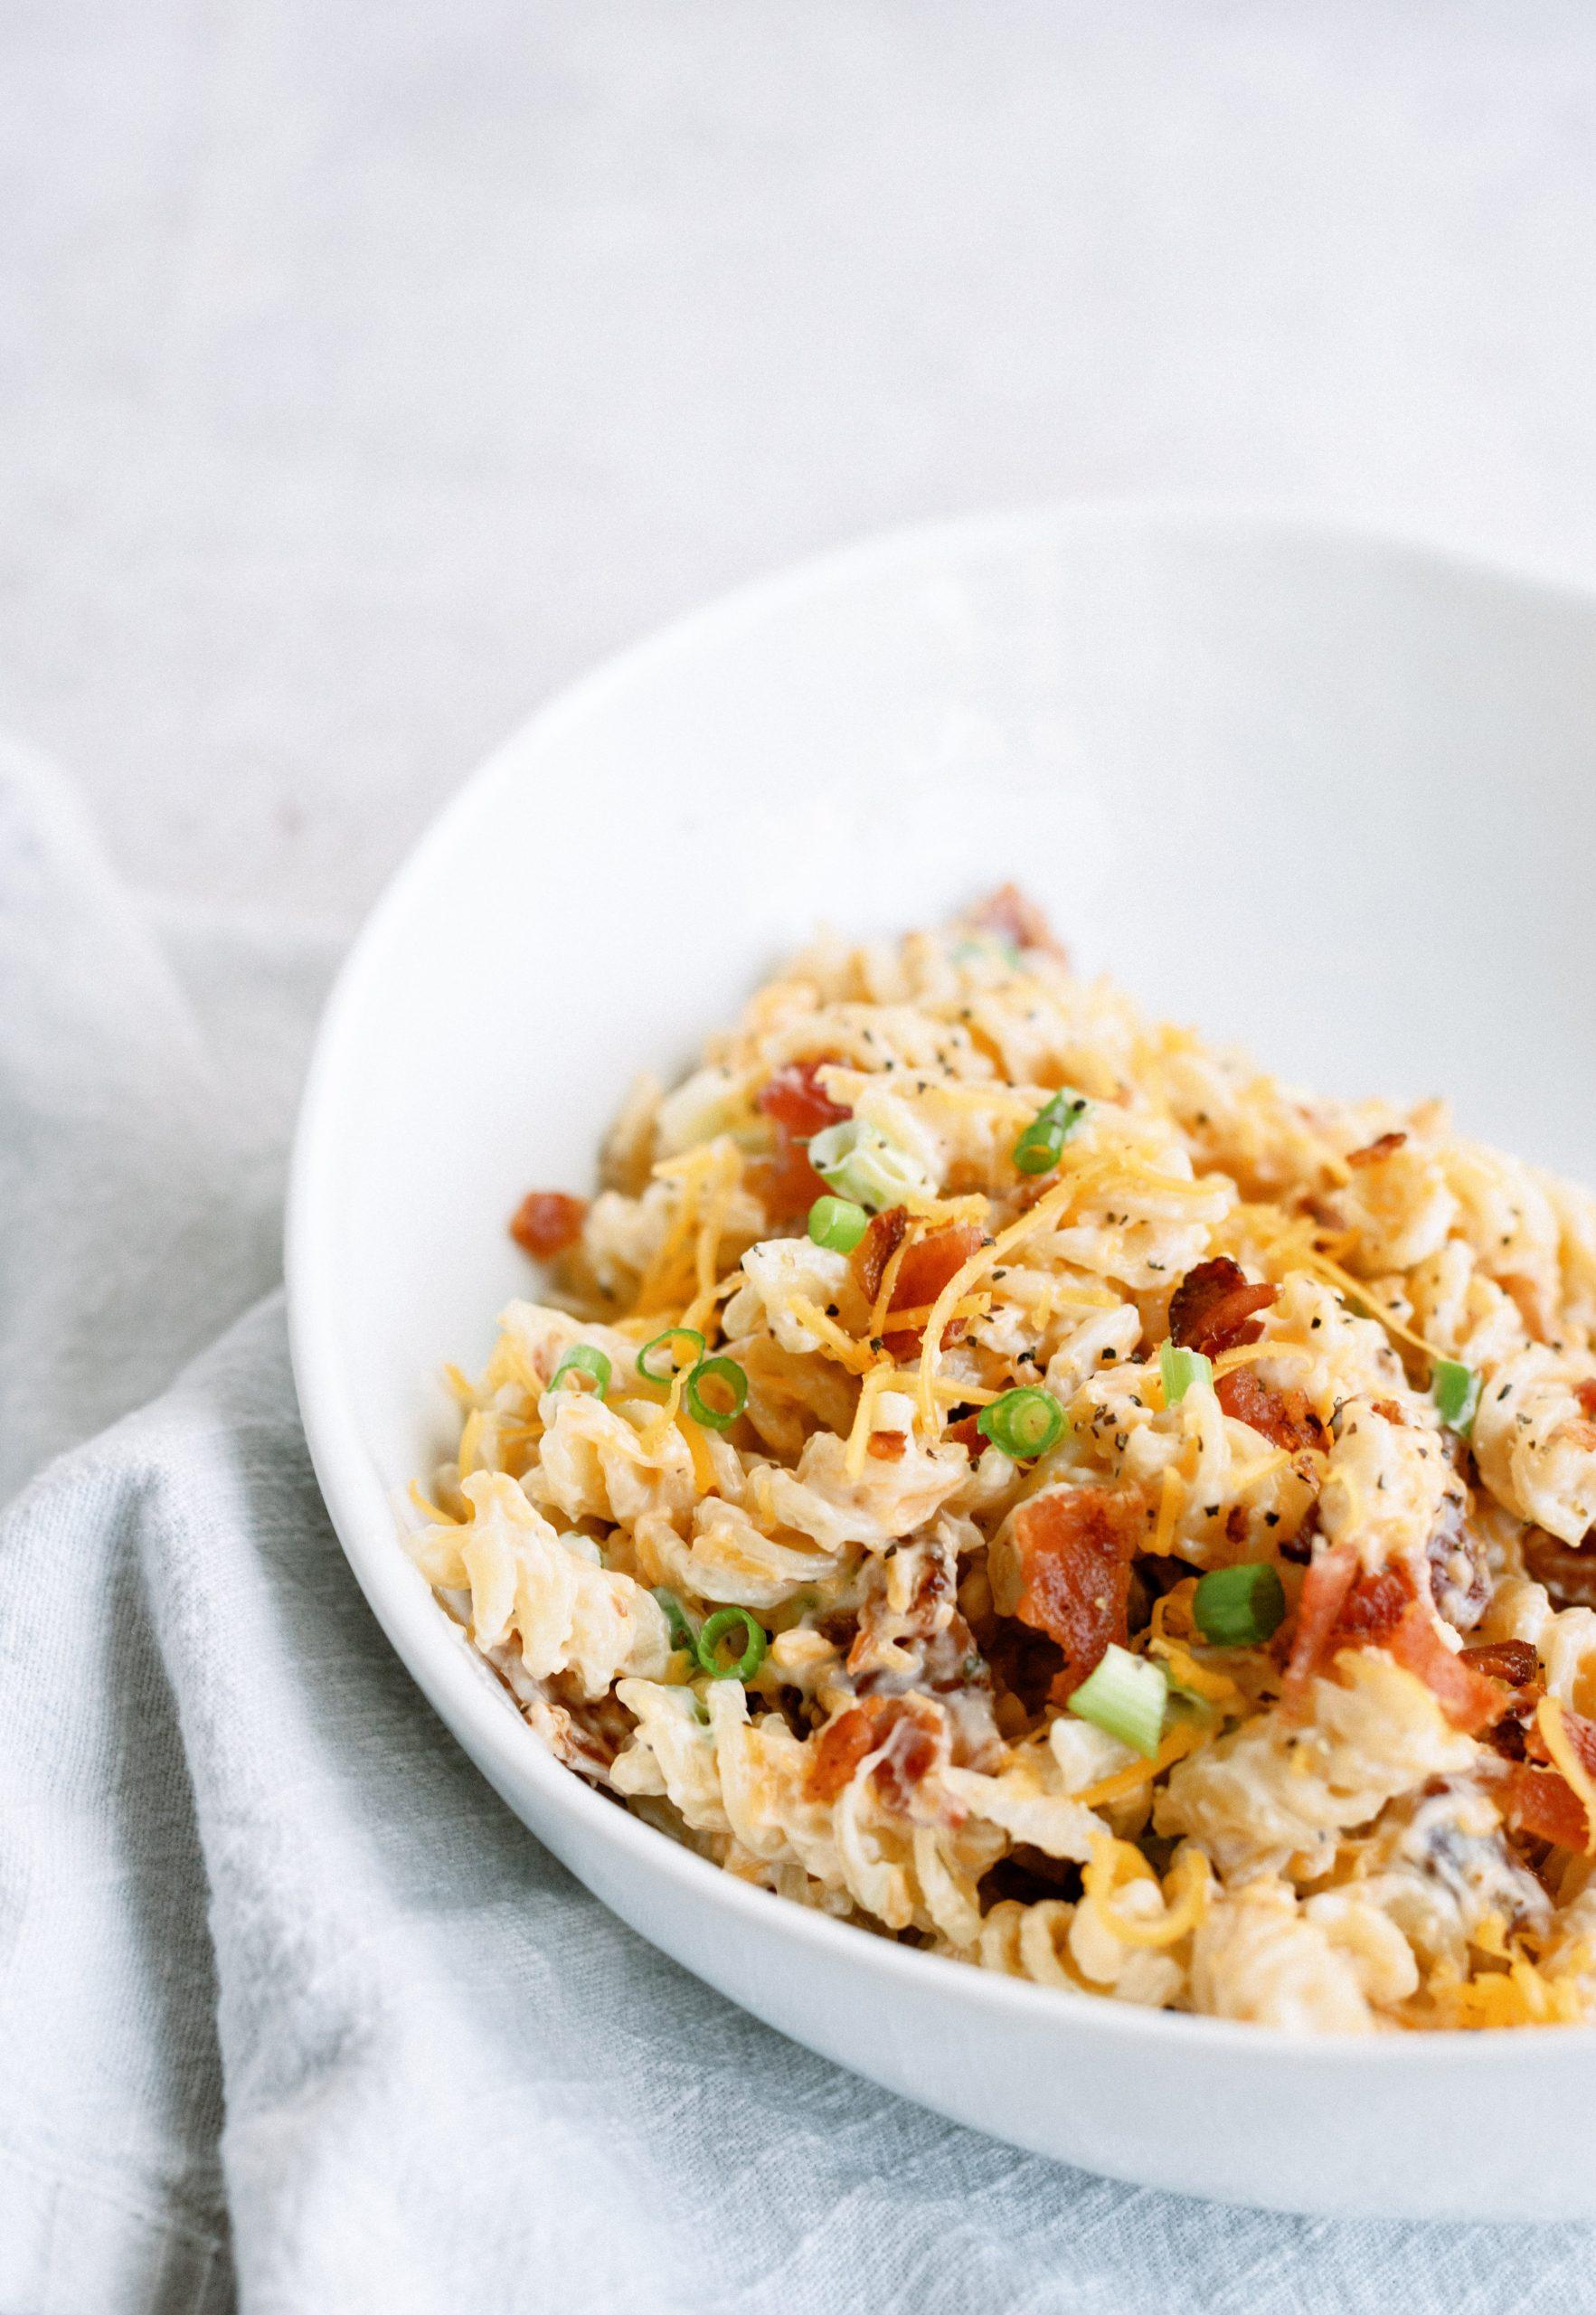 Cheesy Bacon Ranch Pasta Salad Recipe